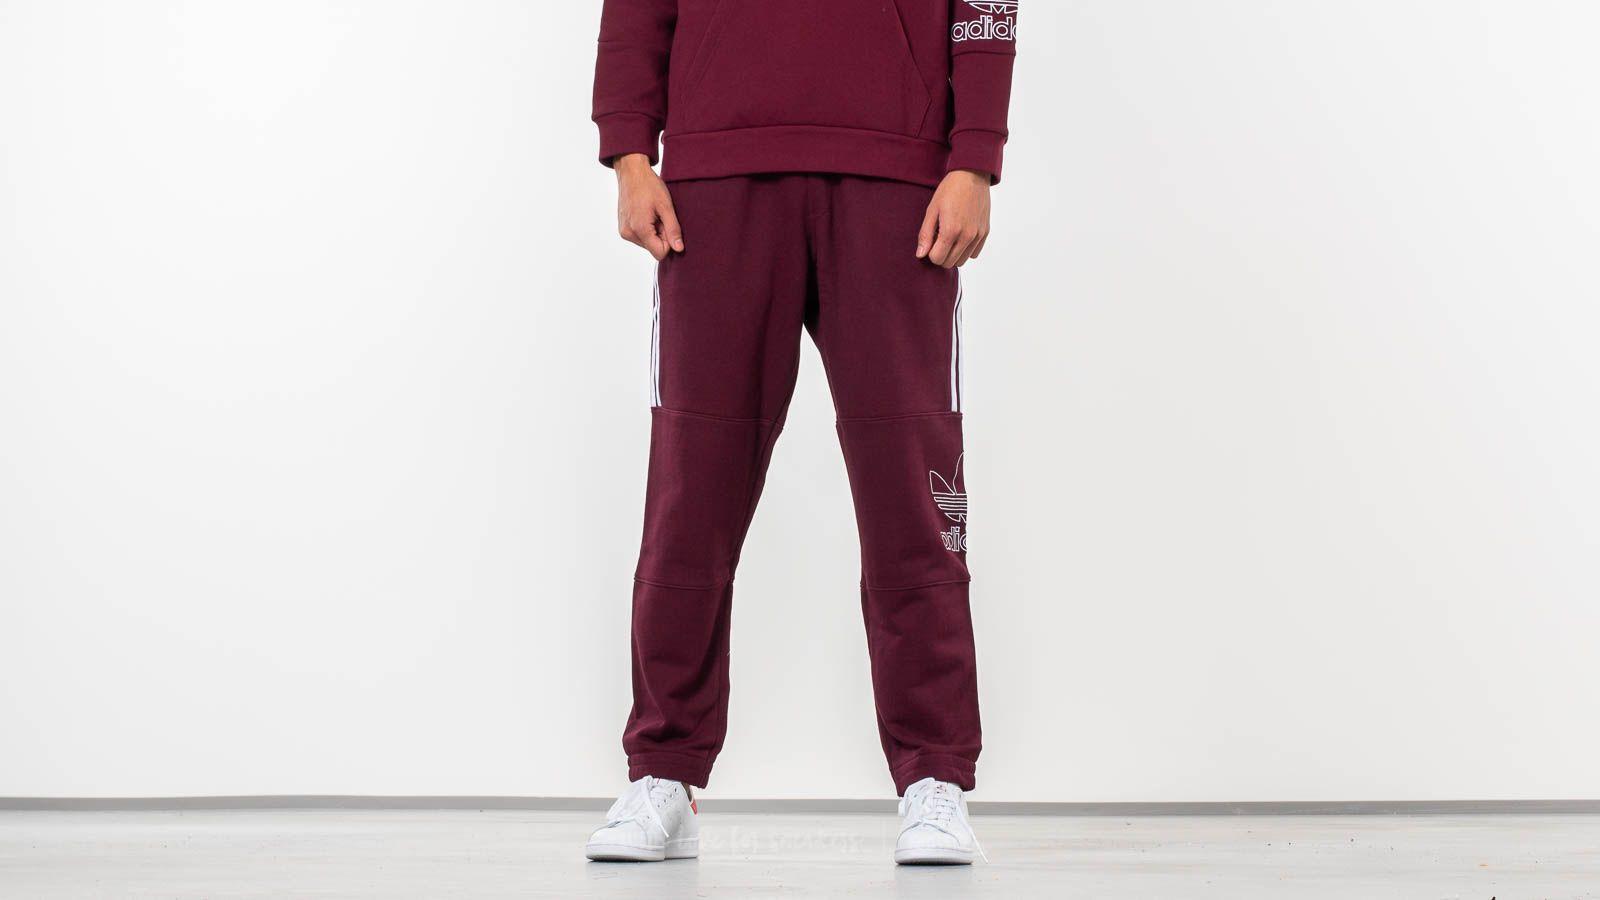 adidas Originals Outline Pants